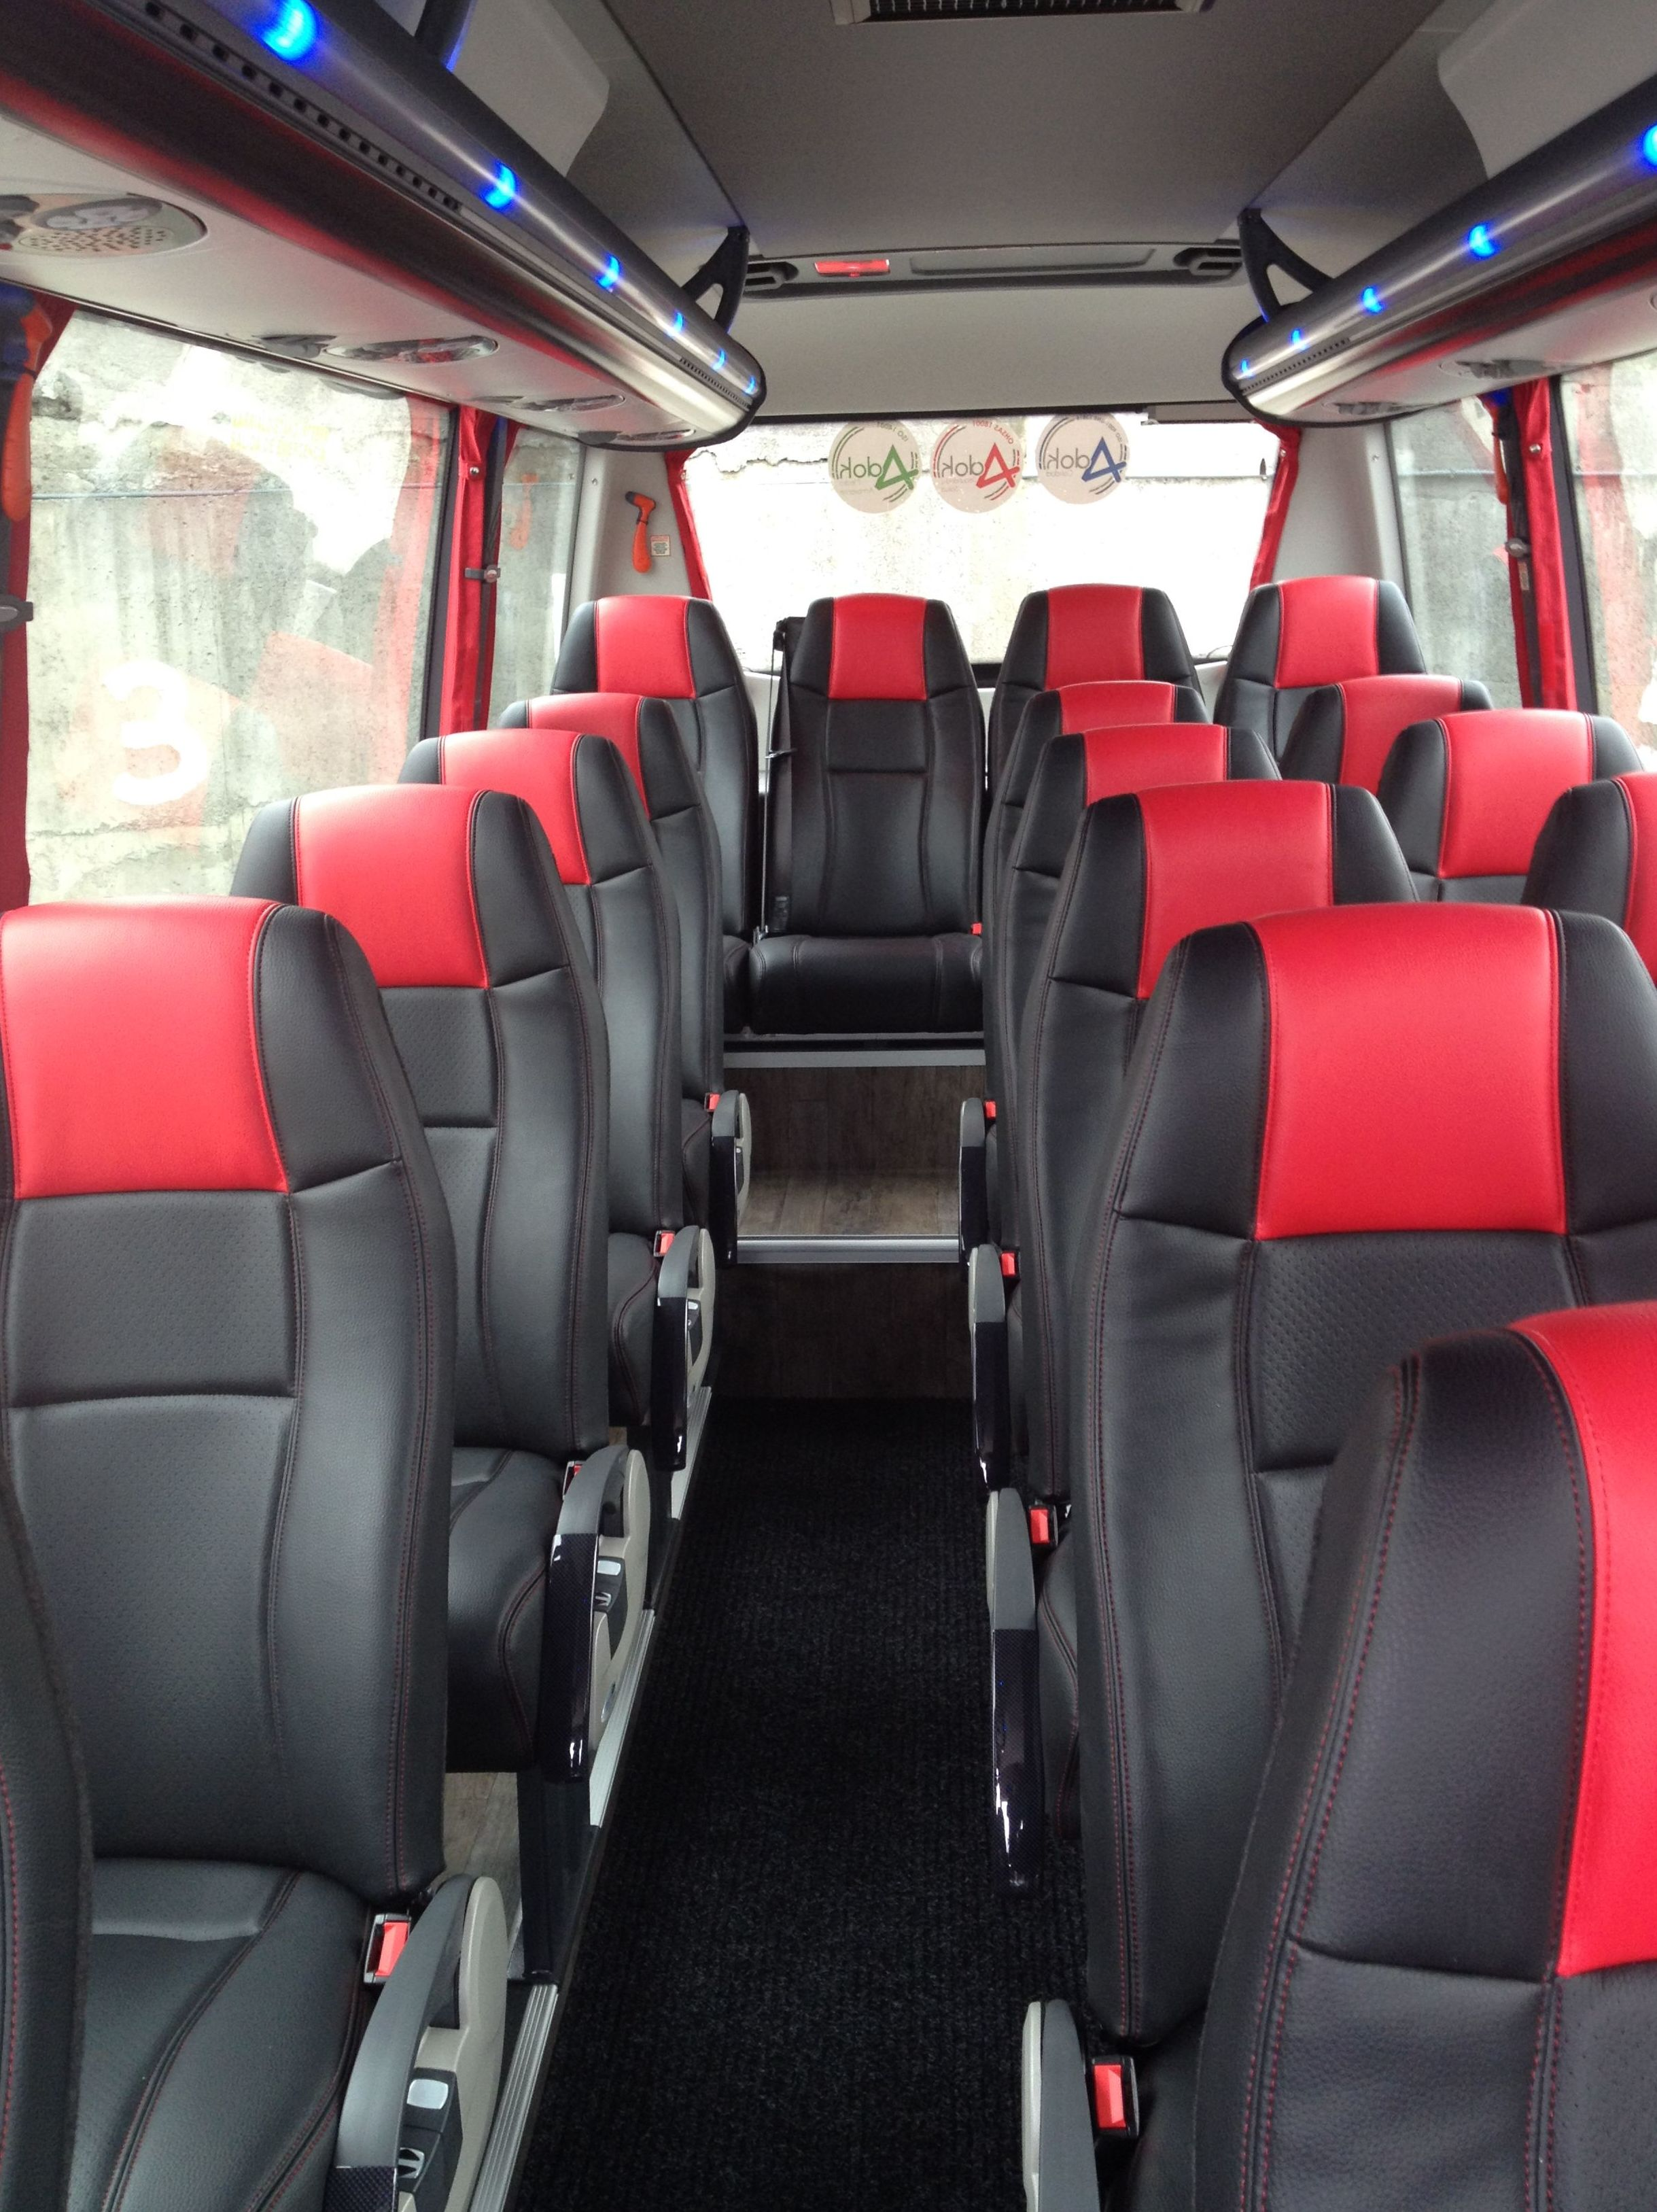 Foto 6 de Autobuses en Abanto Zierbena | J. M. Vigiola